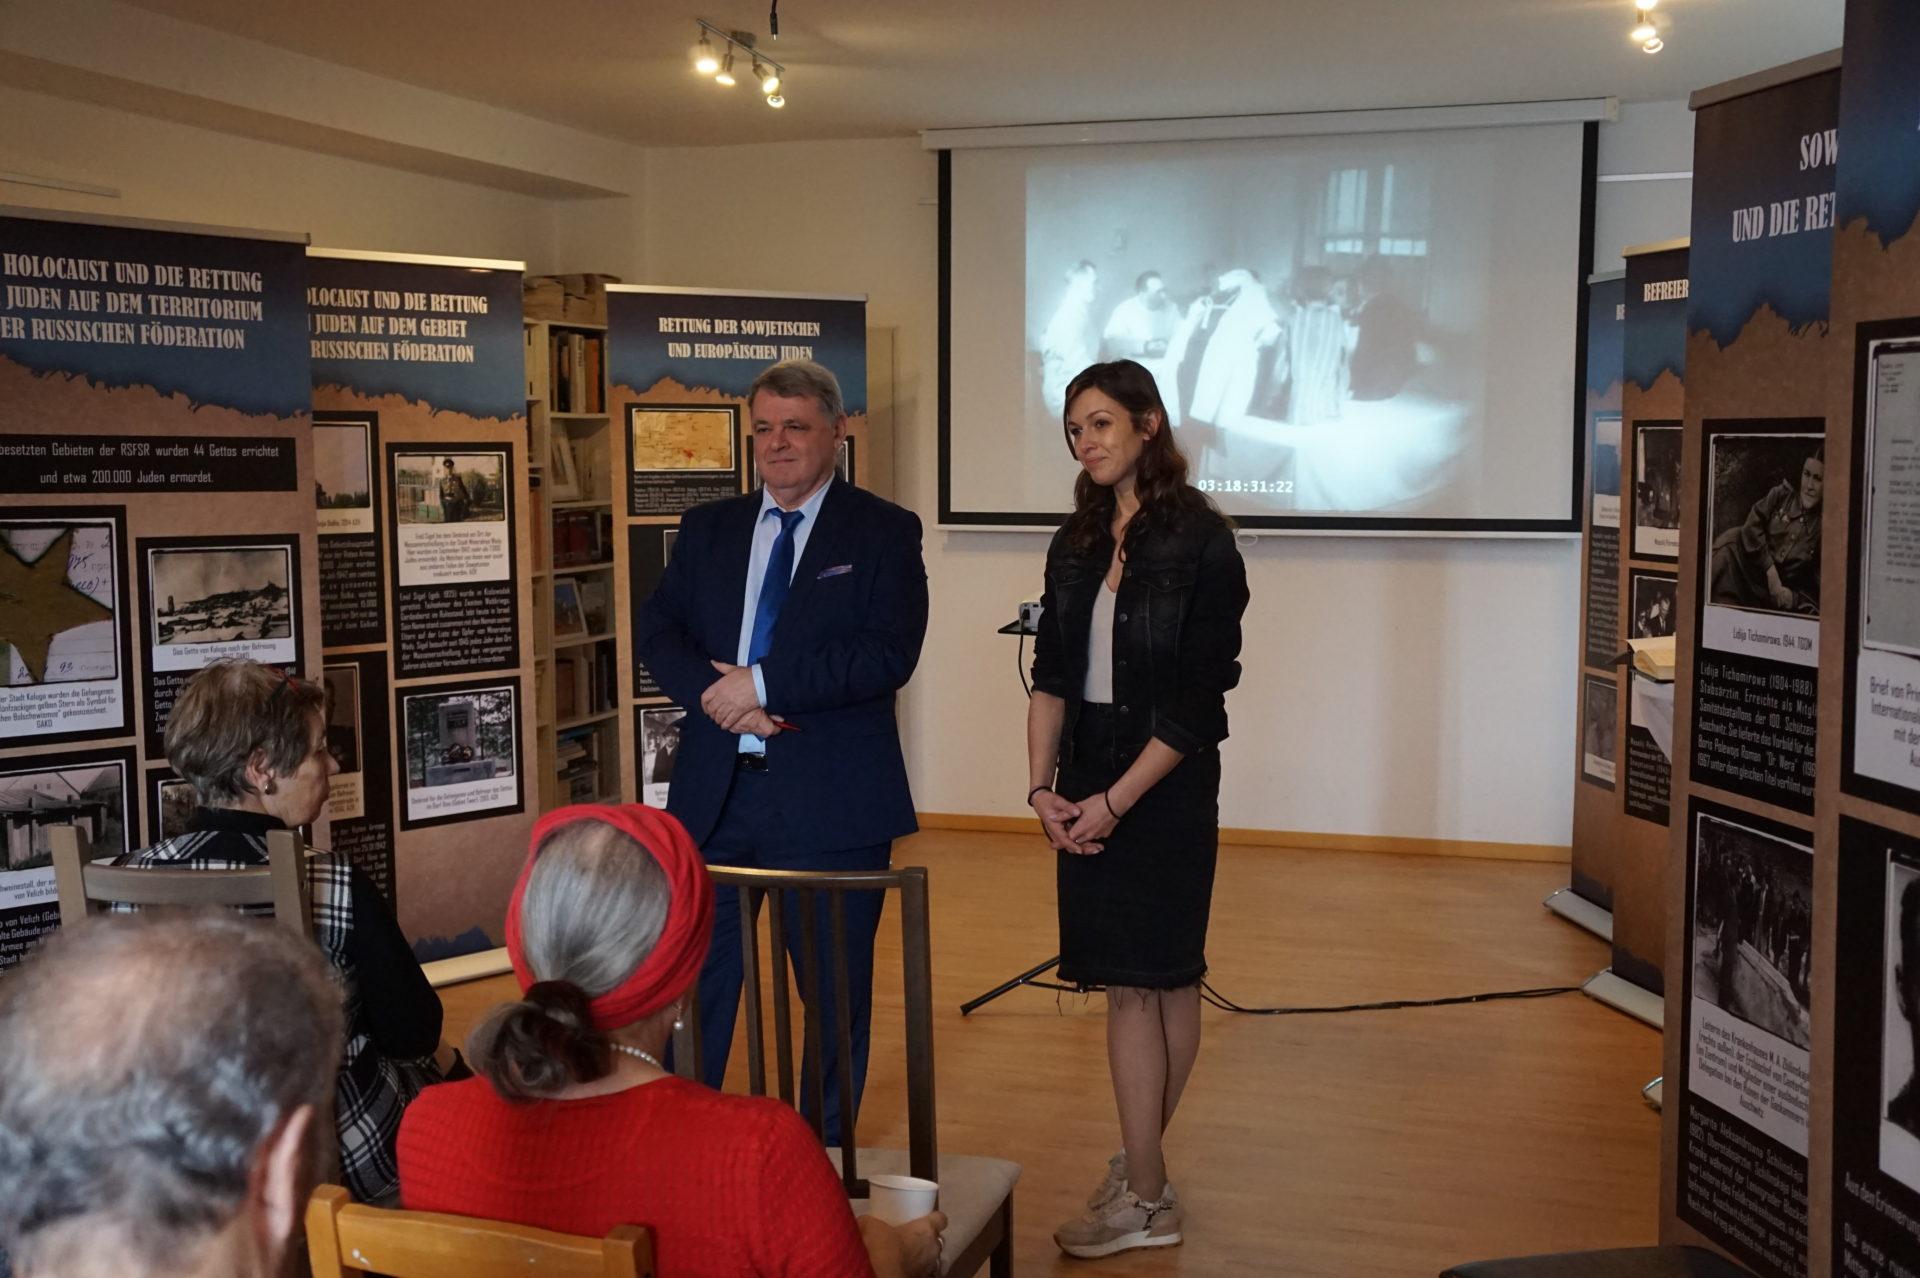 Круглый стол и выставка «Холокост: уничтожение, освобождение, спасение» в Академии им. Януша Корчака